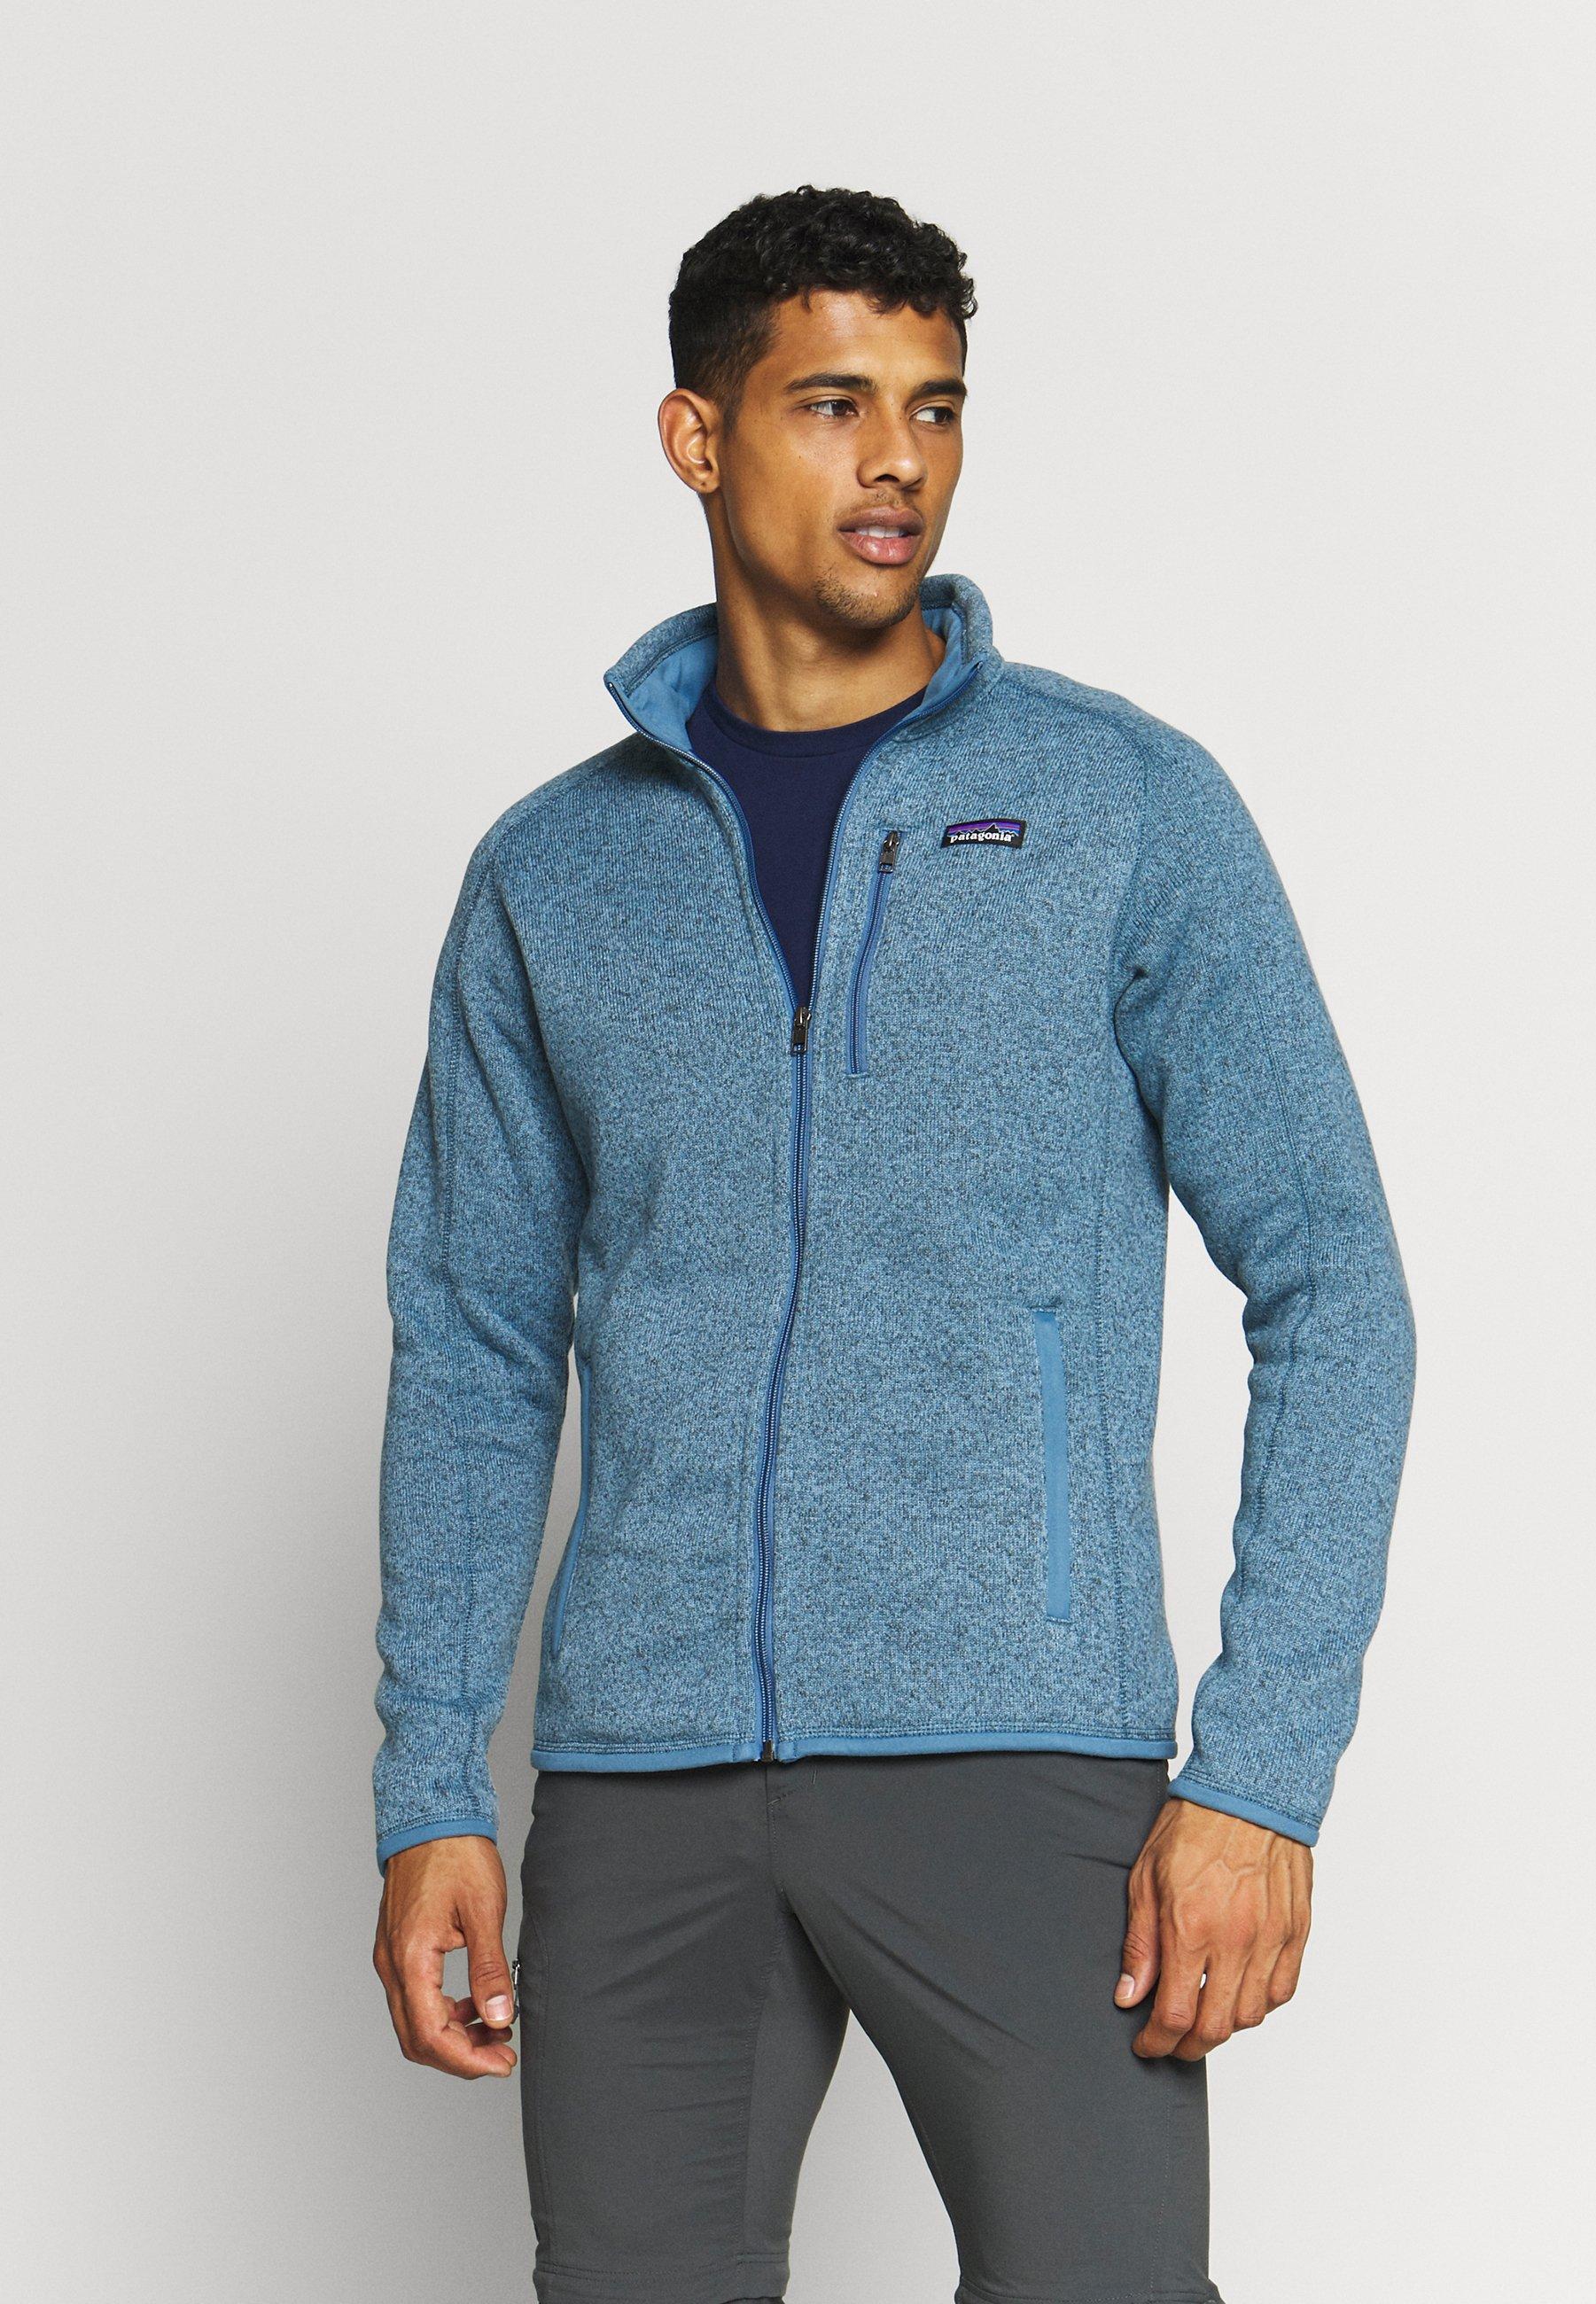 Patagonia   Better Sweater fleecejakke herre   Jakker   Grå